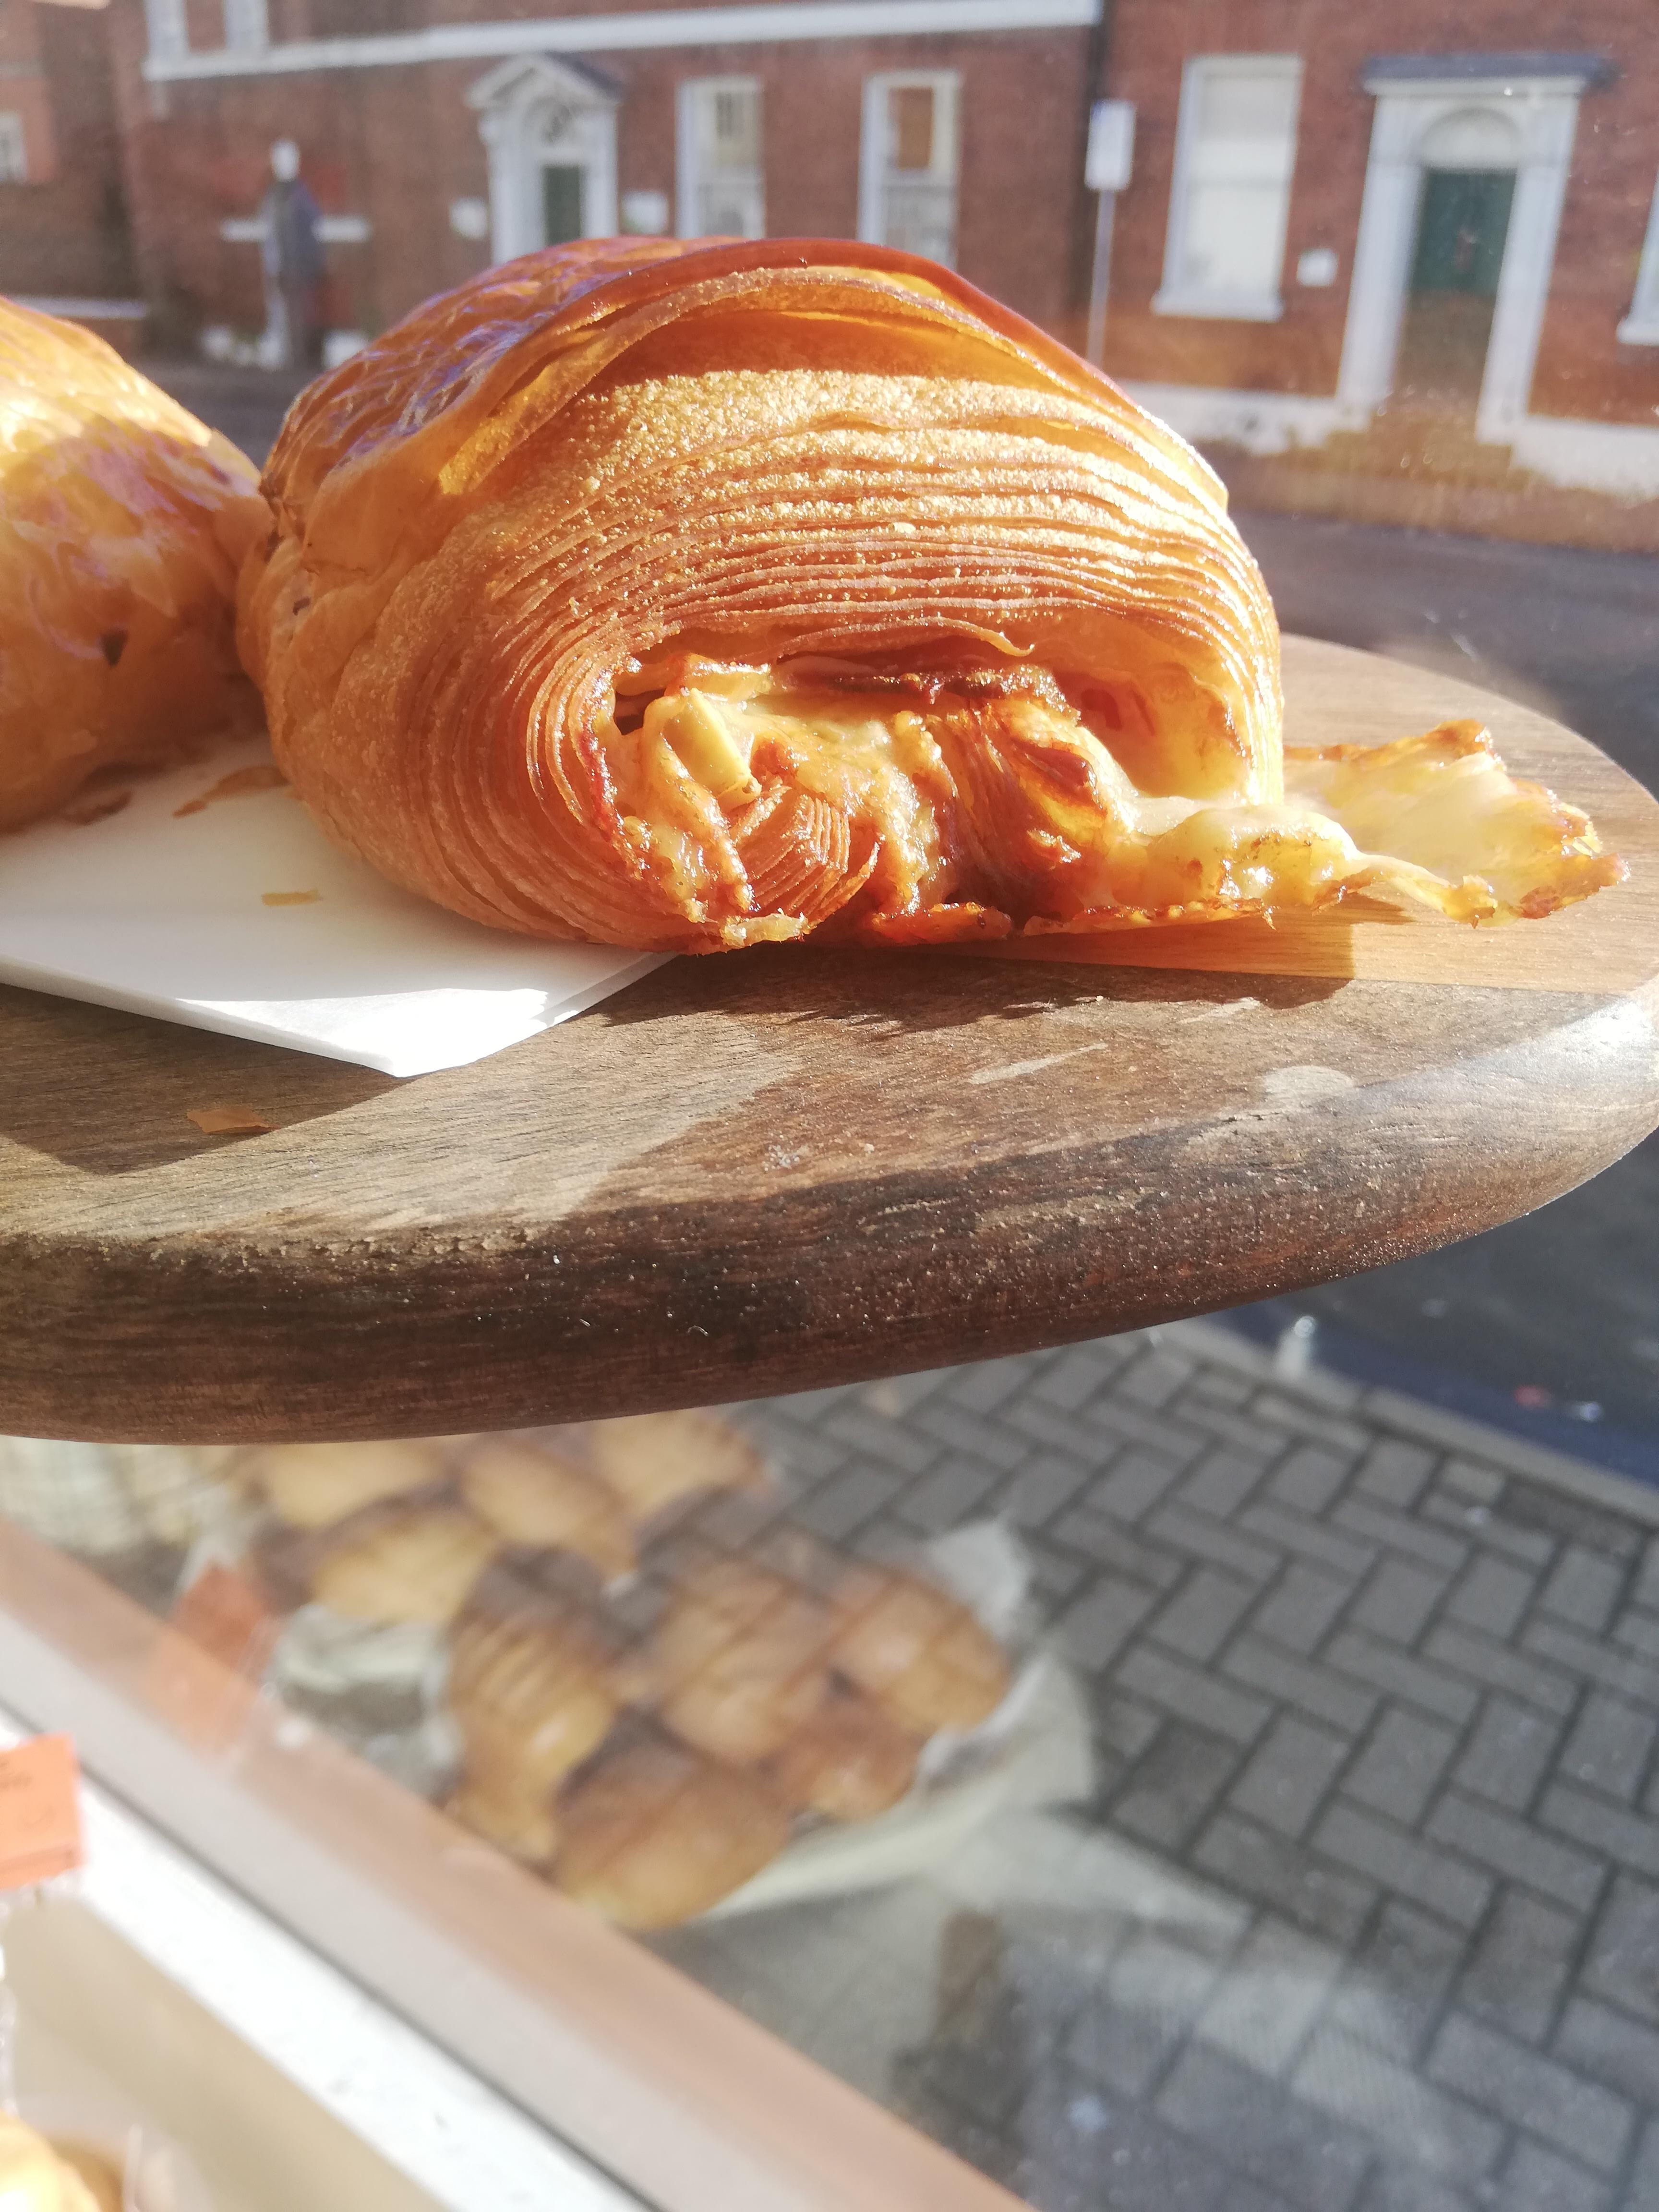 (FRI) Pochette with Smoked Hay Ham & Swiss Gruyere